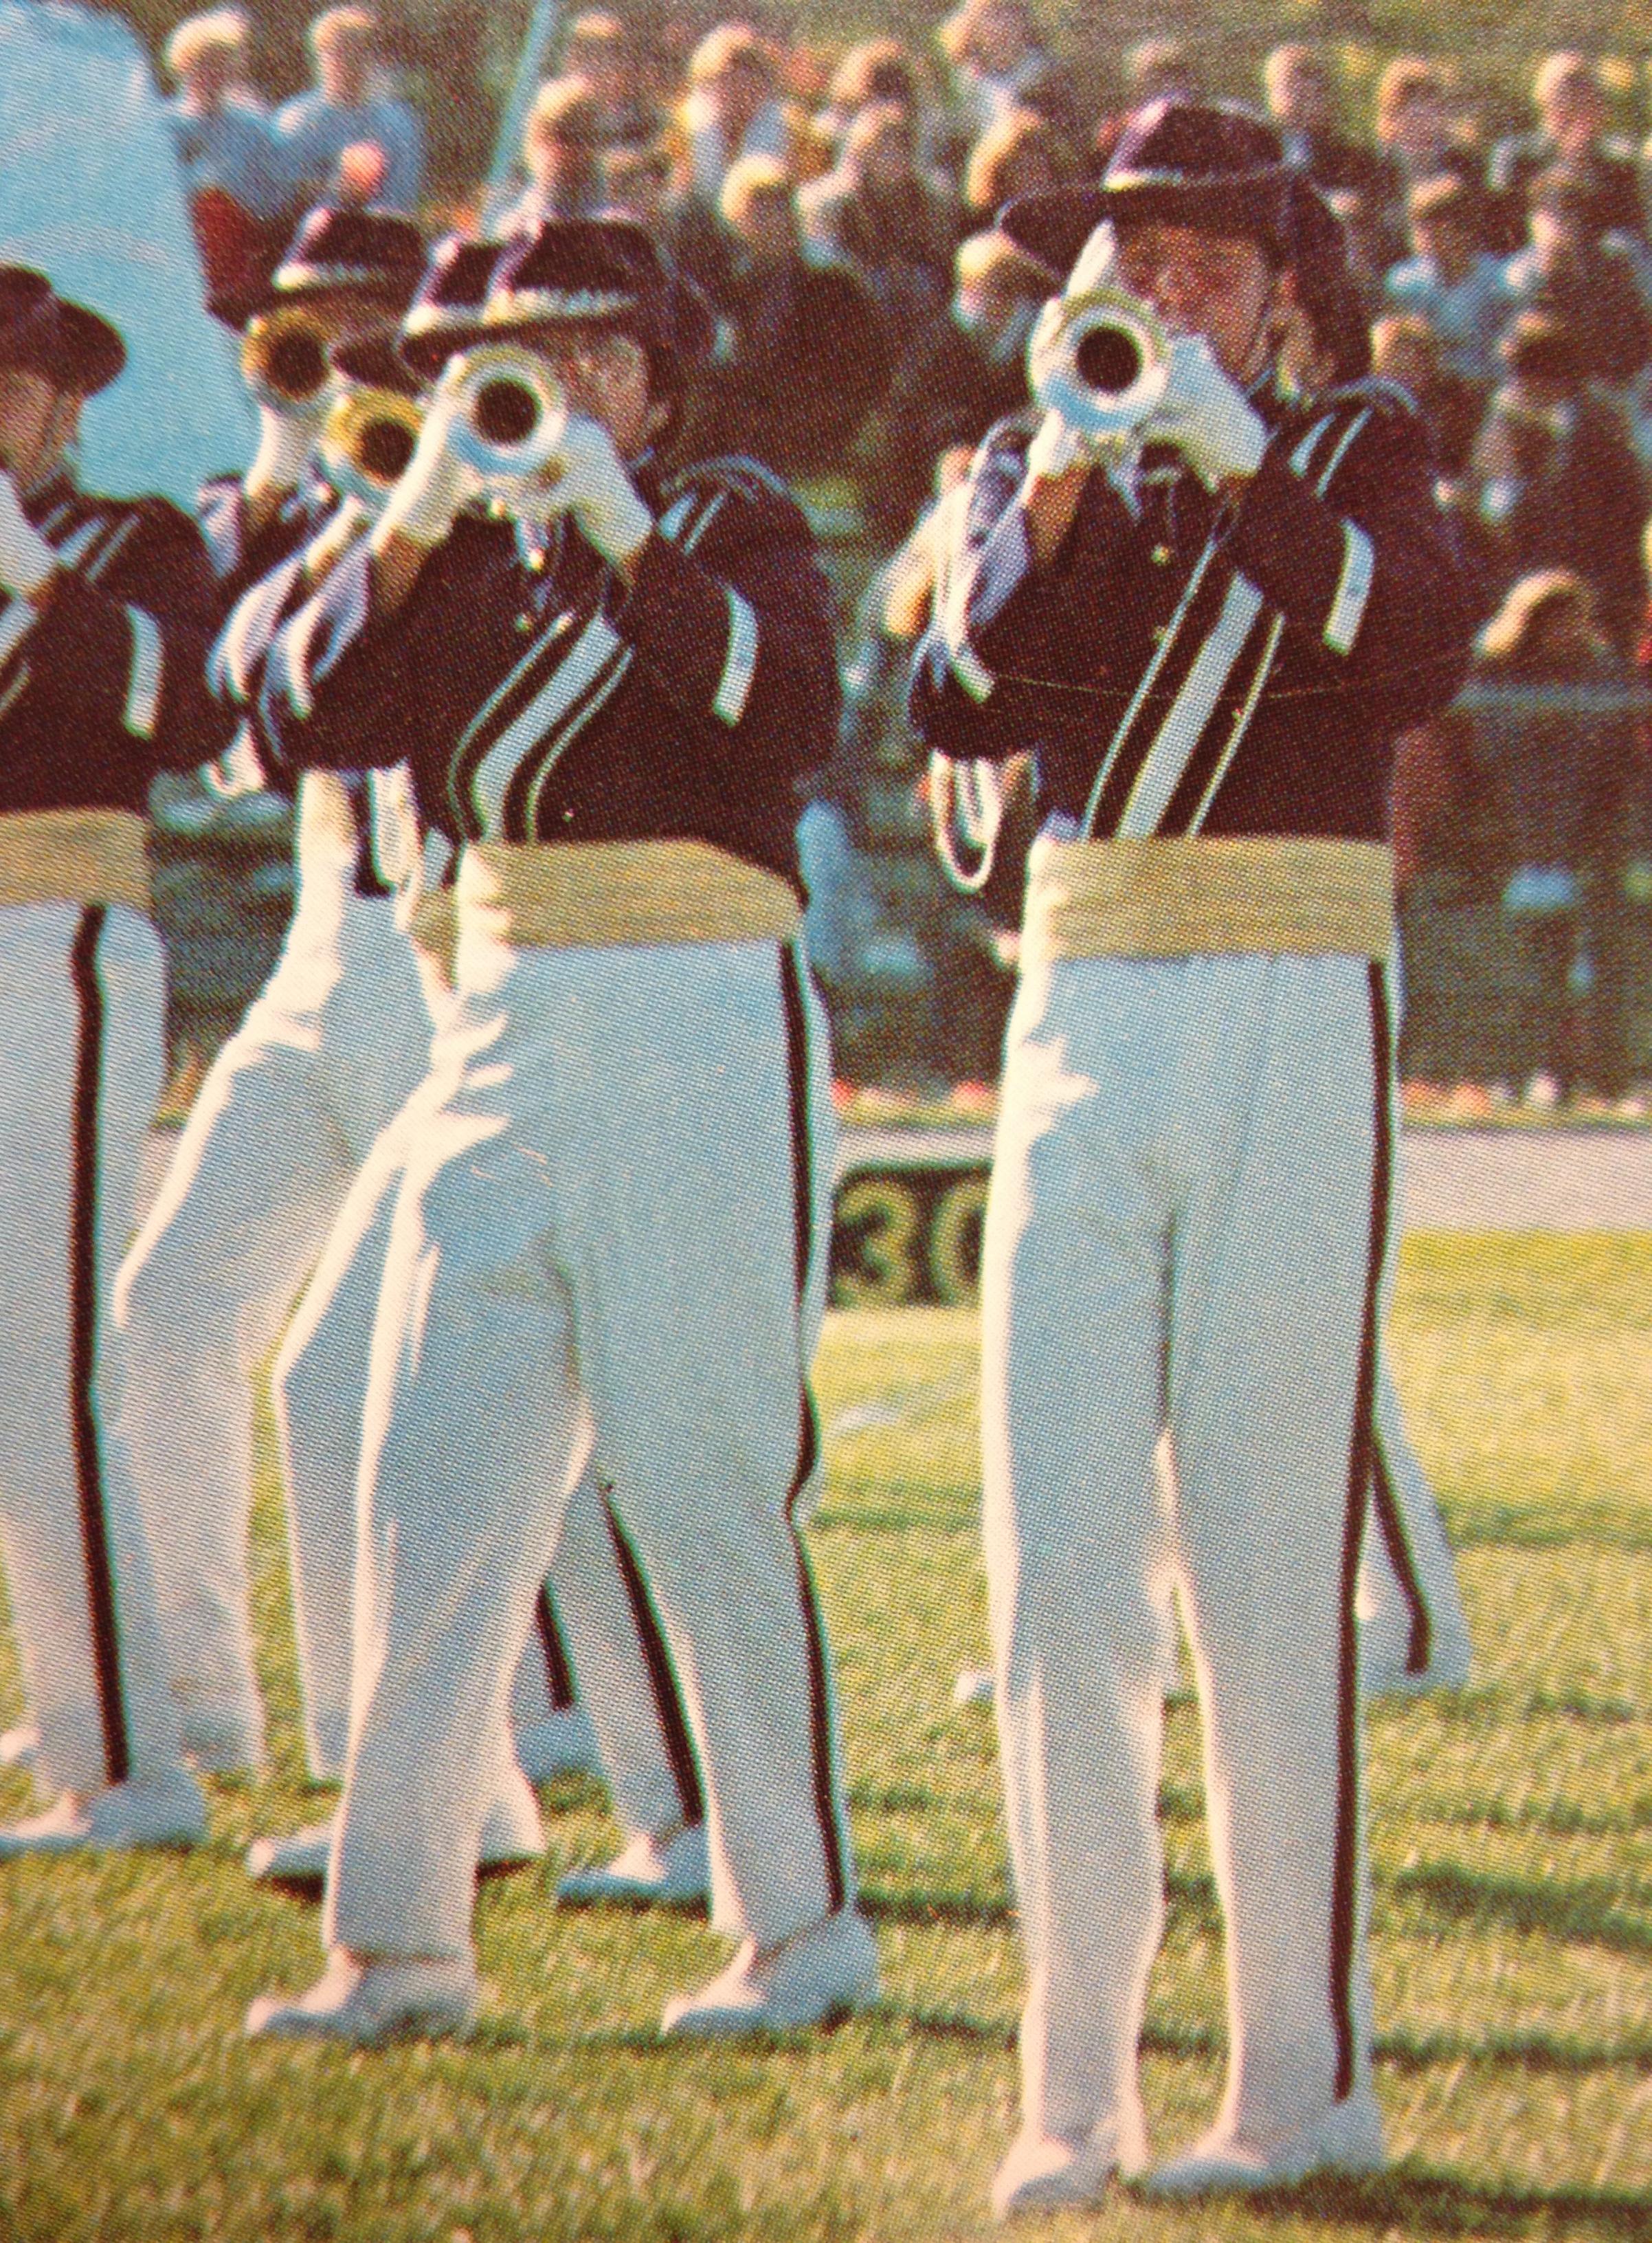 Trumpets sound